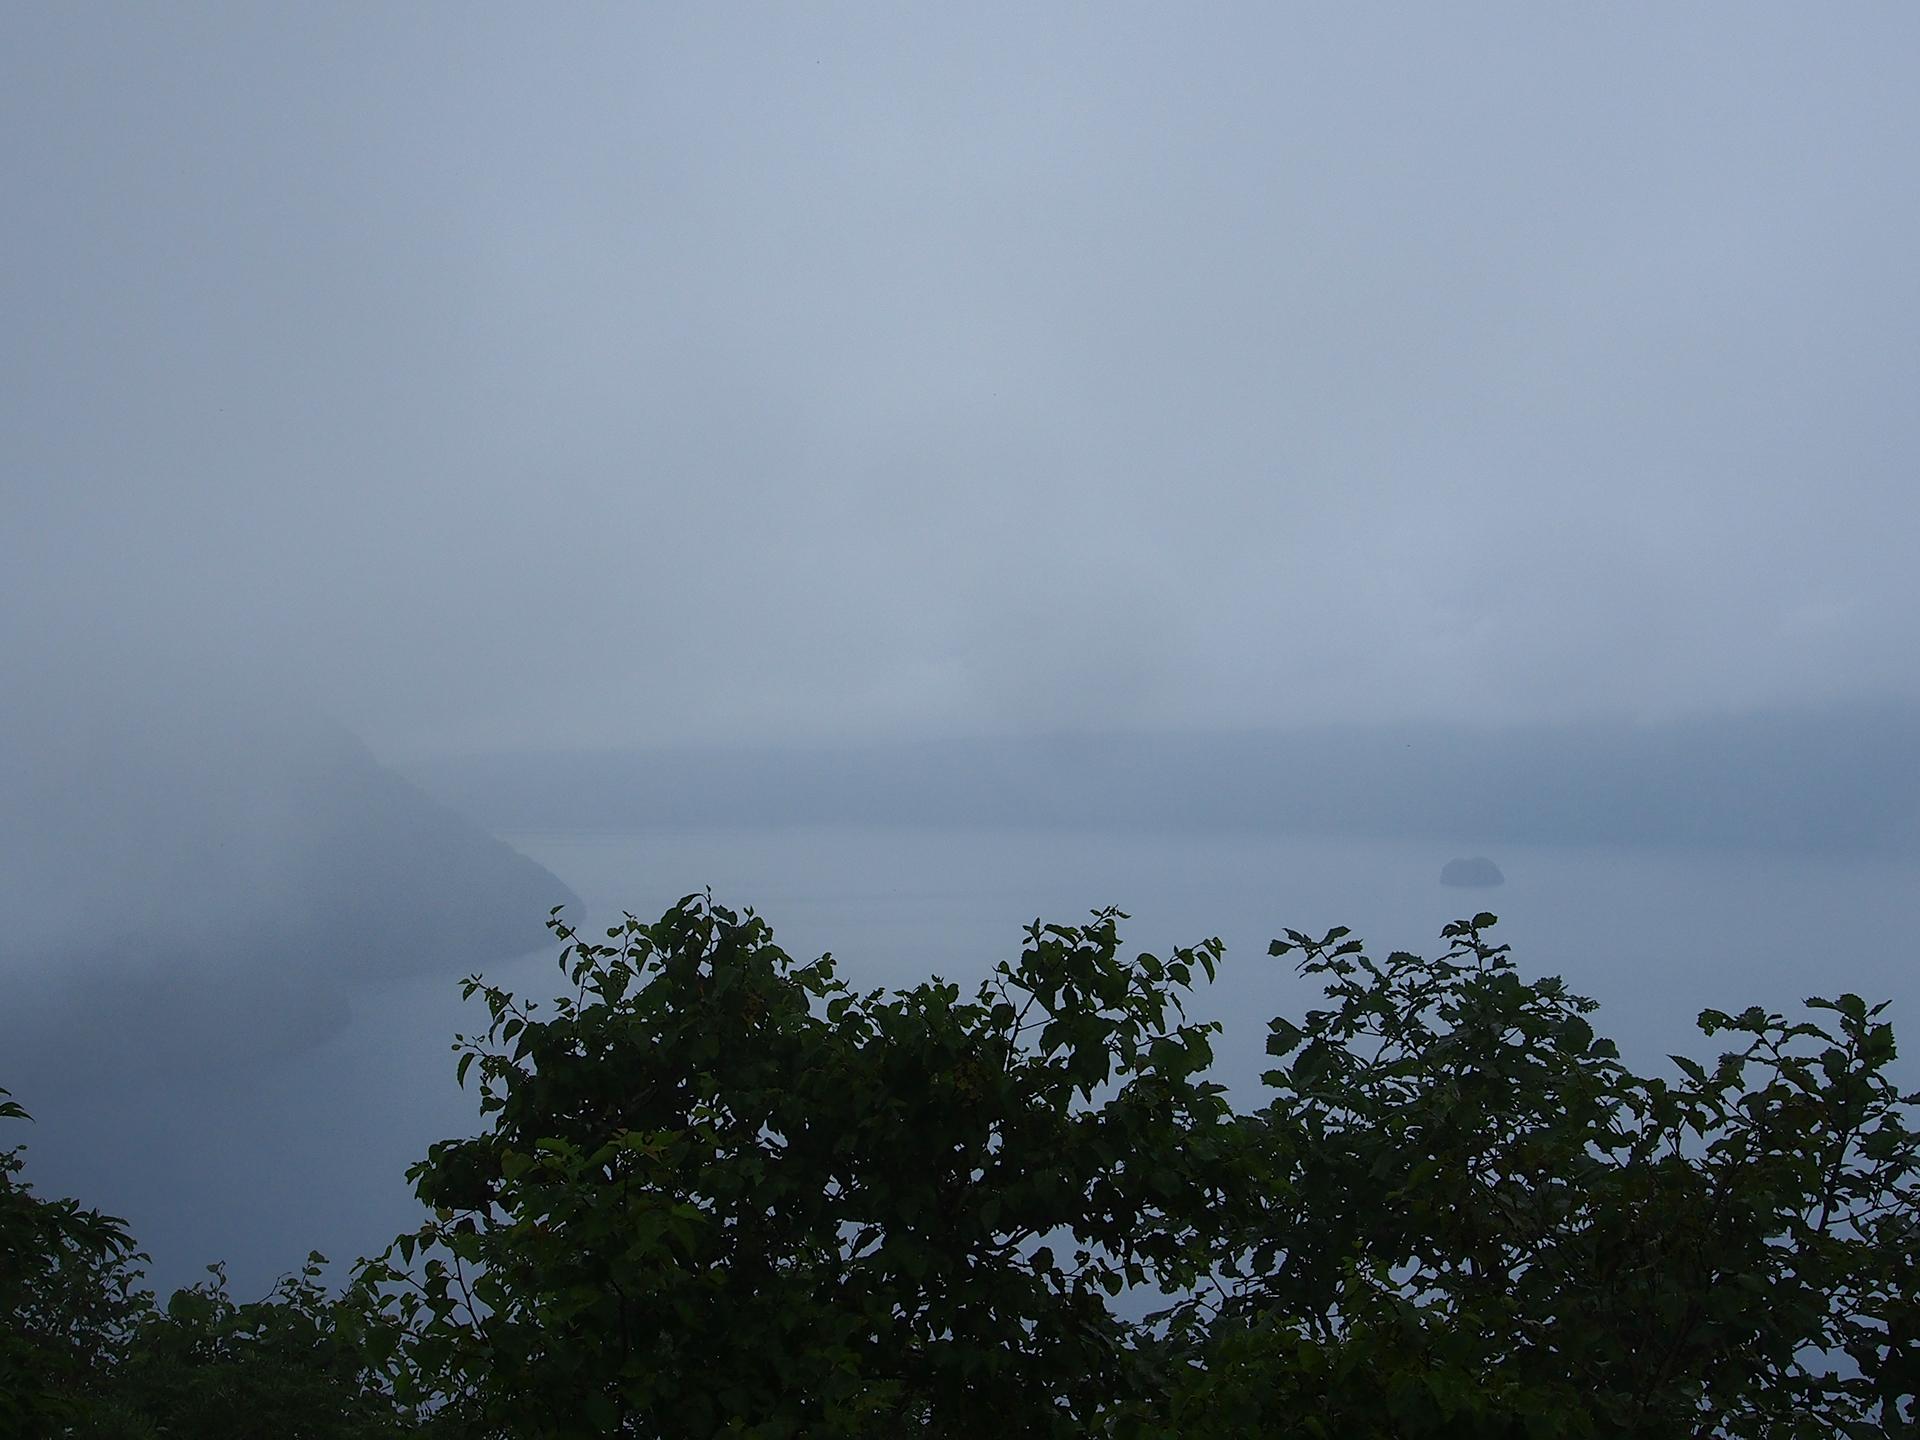 薄っすらと見える摩周湖